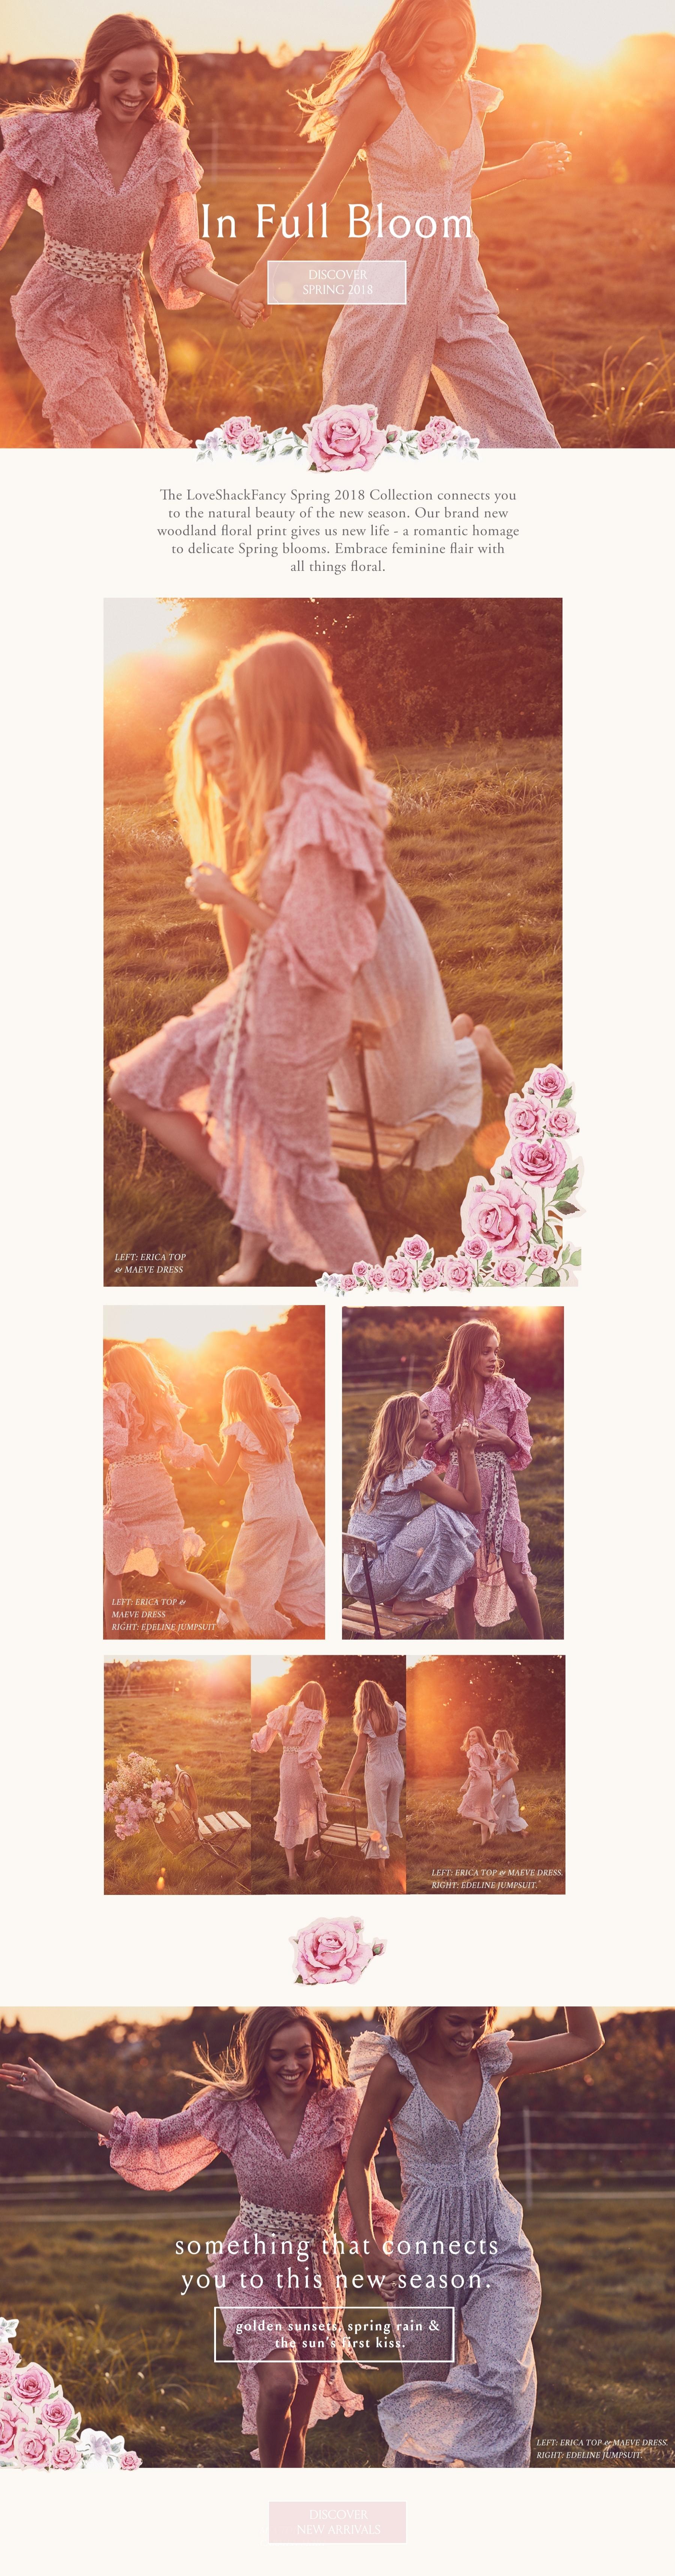 In Full Bloom_blog.jpg